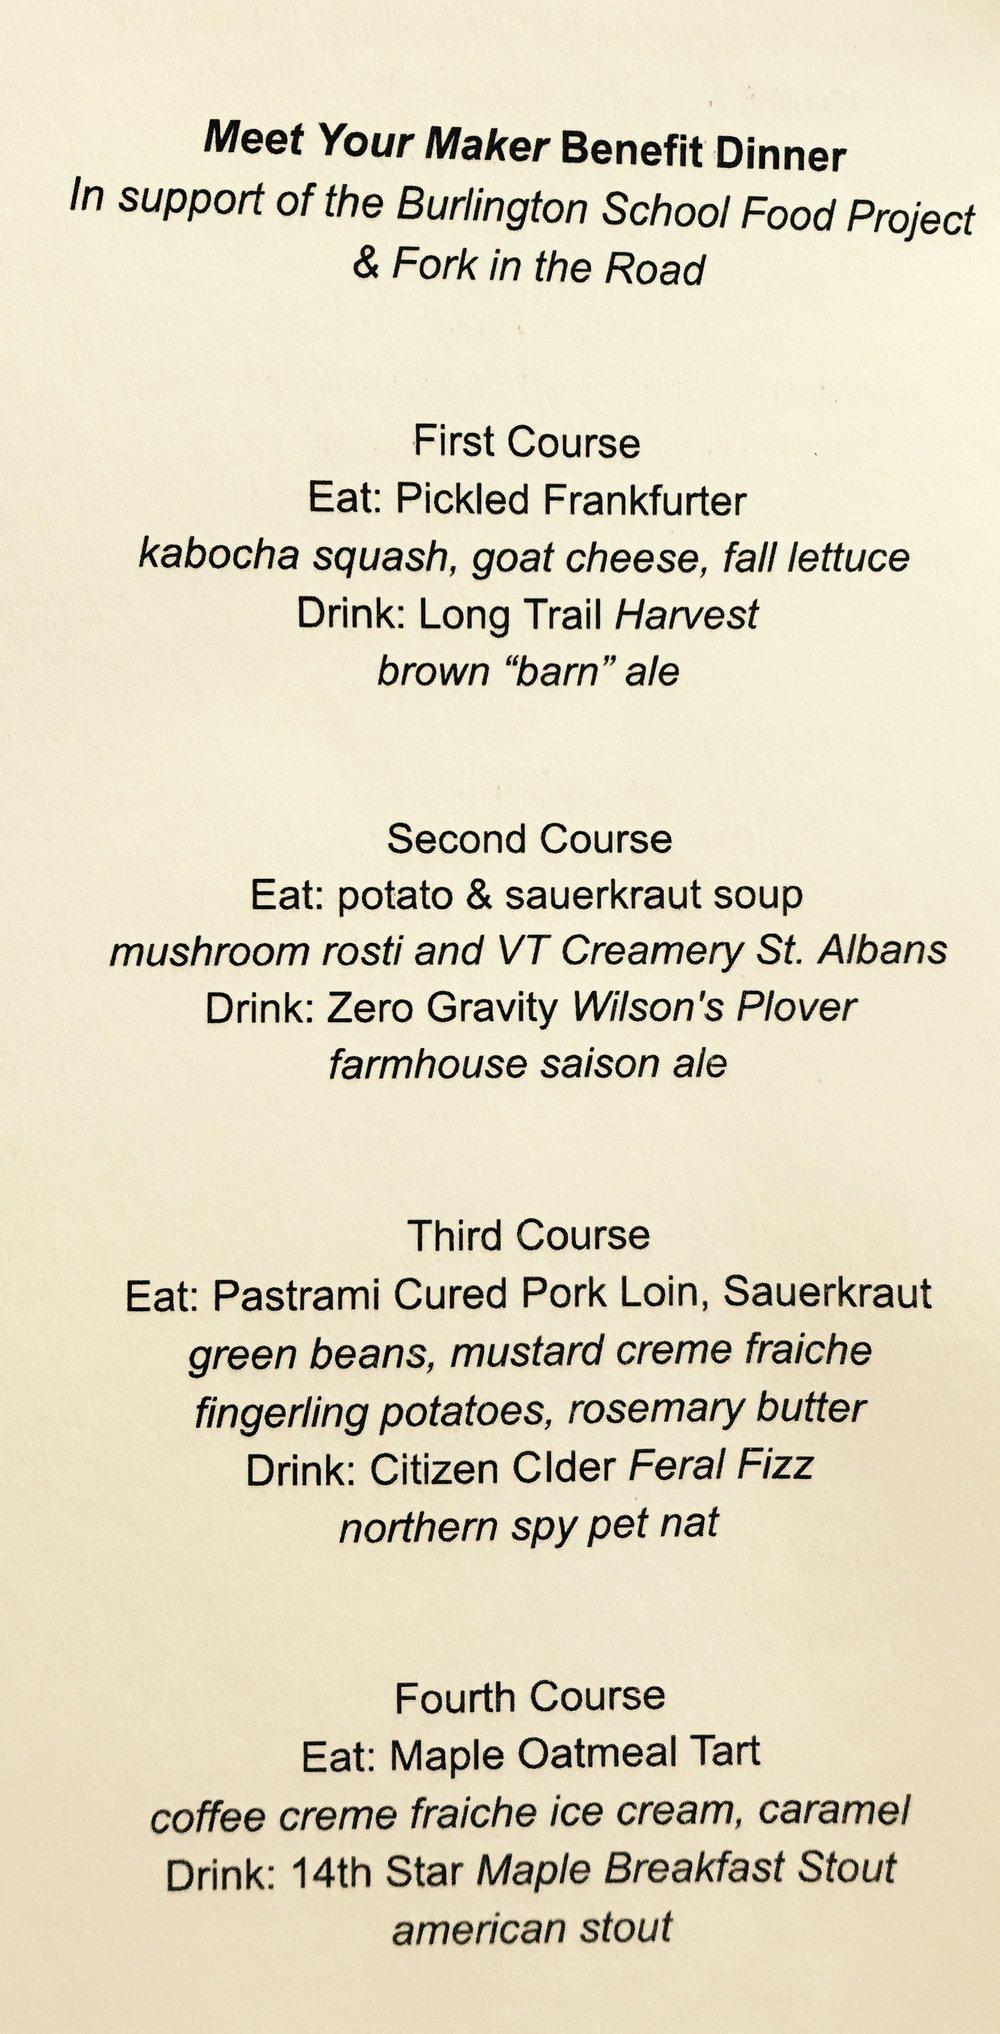 The Meet Your Maker Benefit dinner menu.